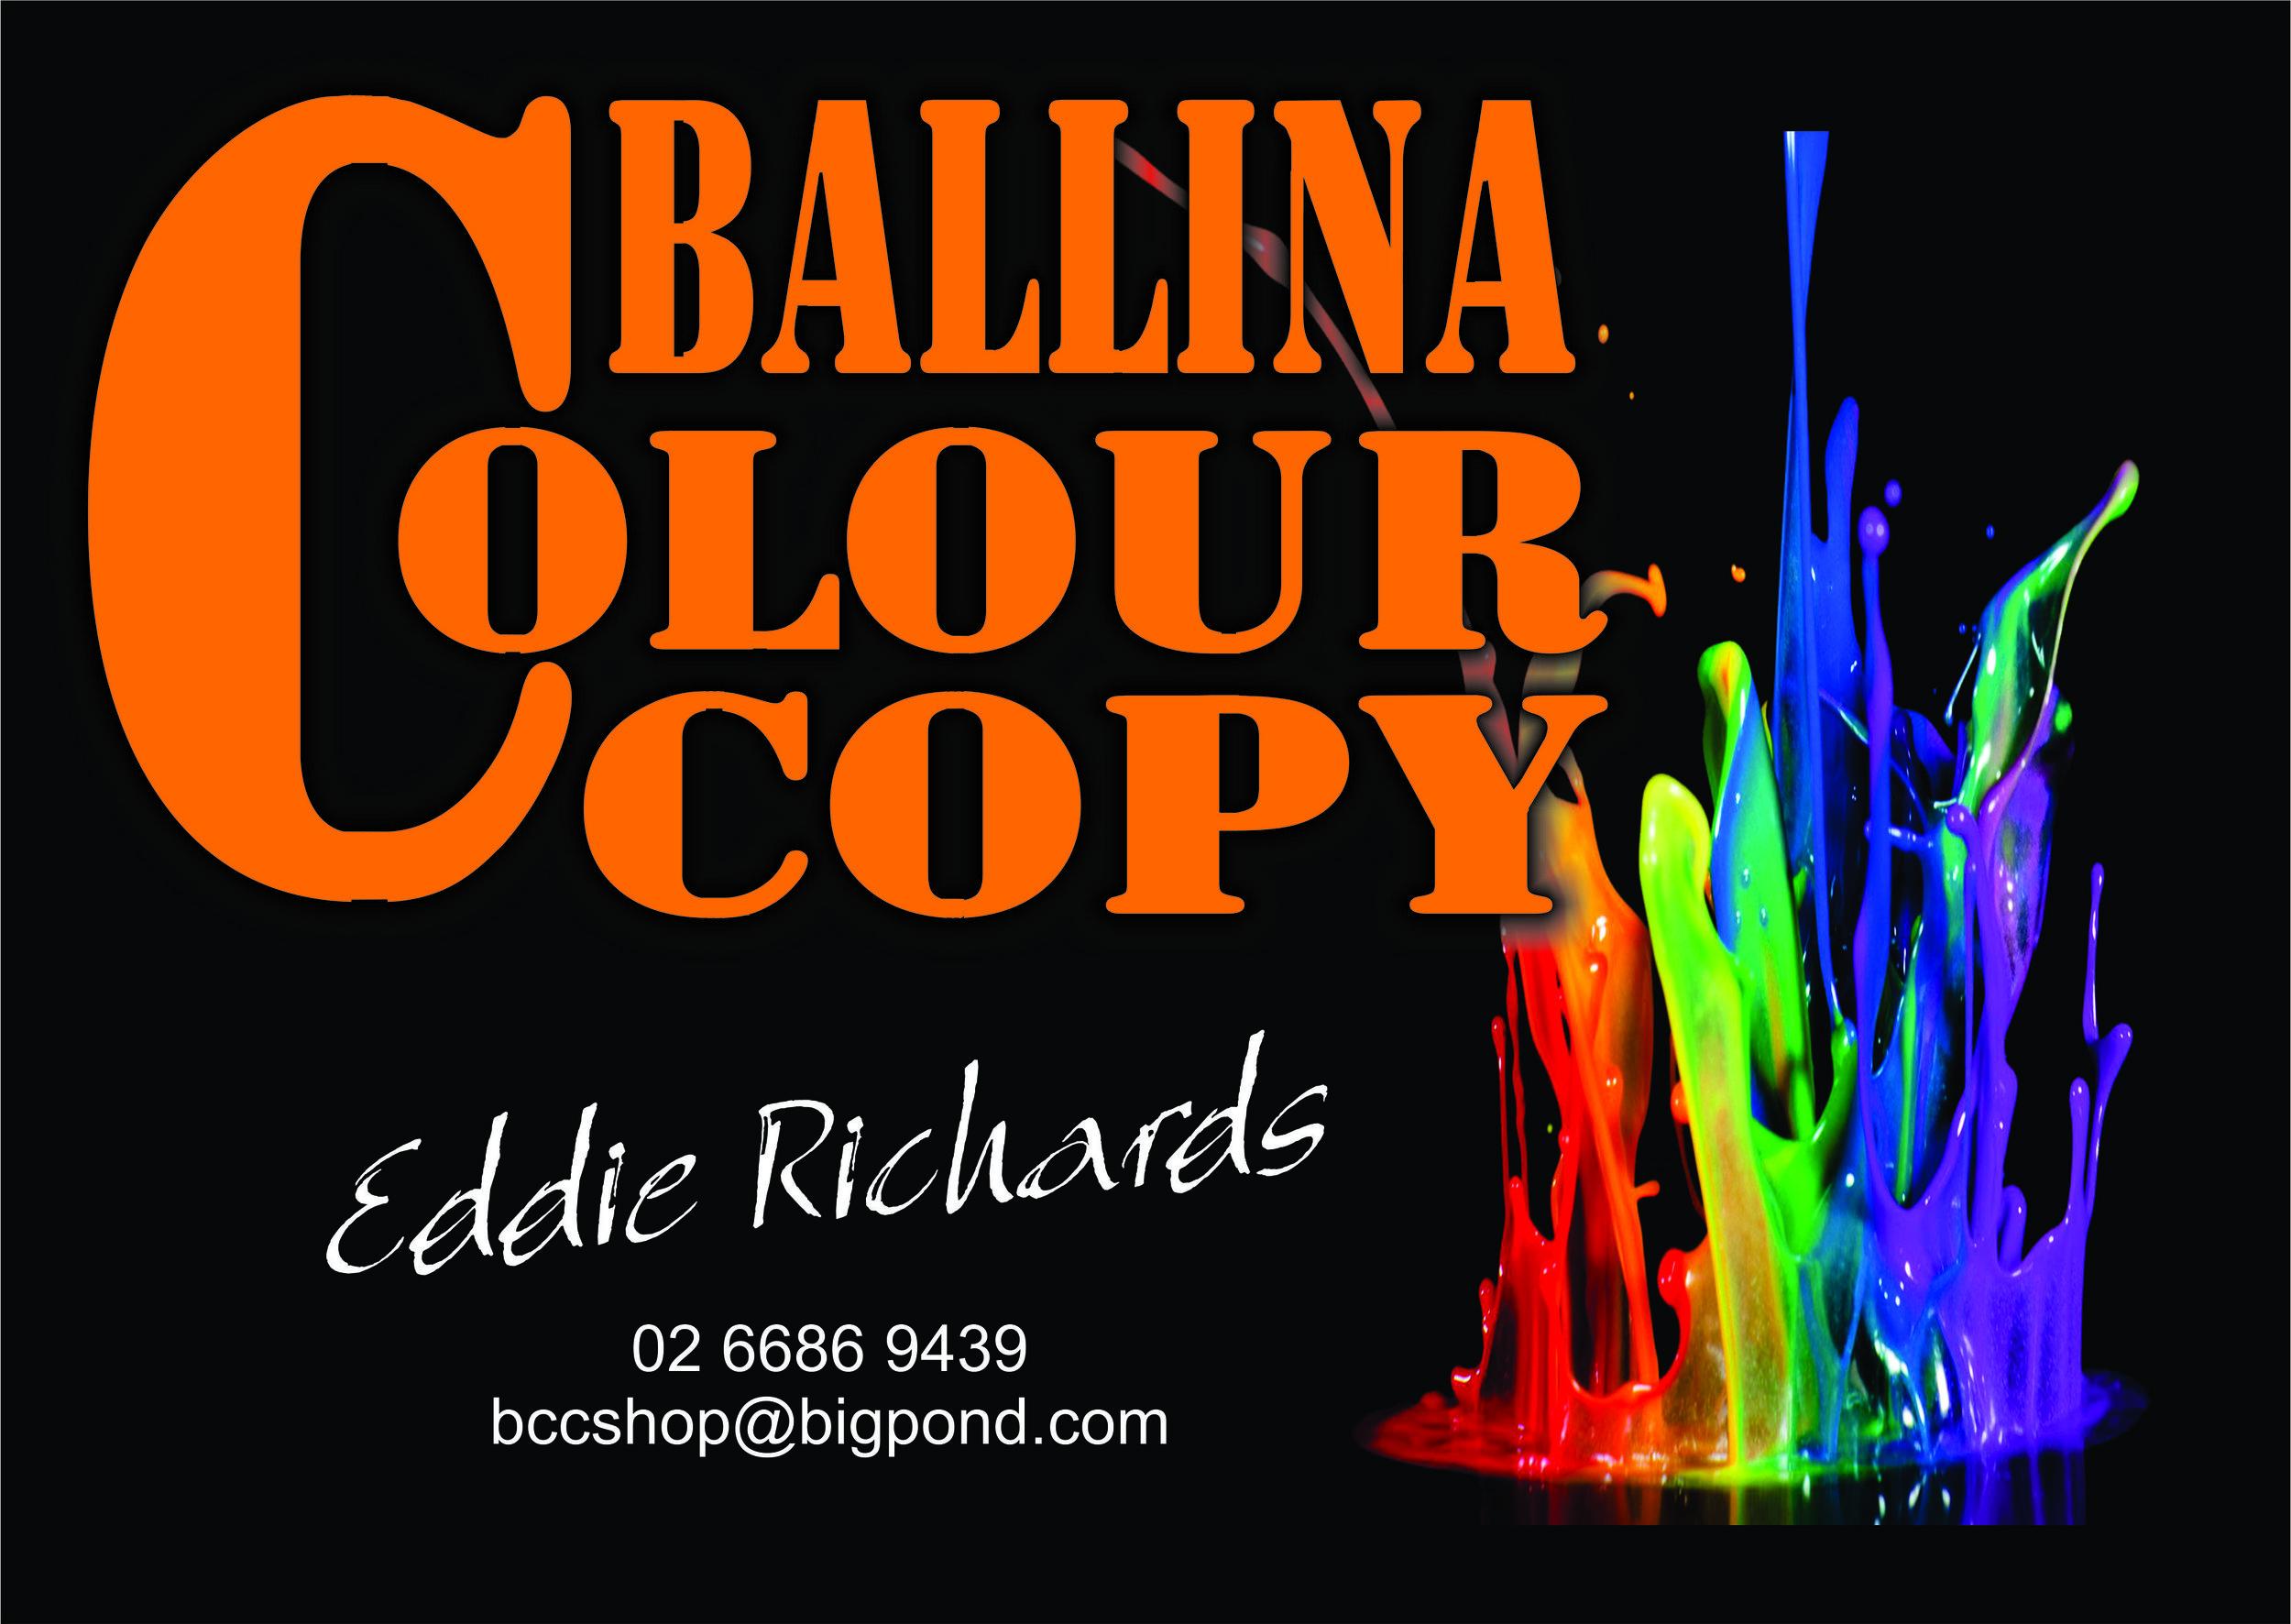 Ballina colour copy logo.jpg